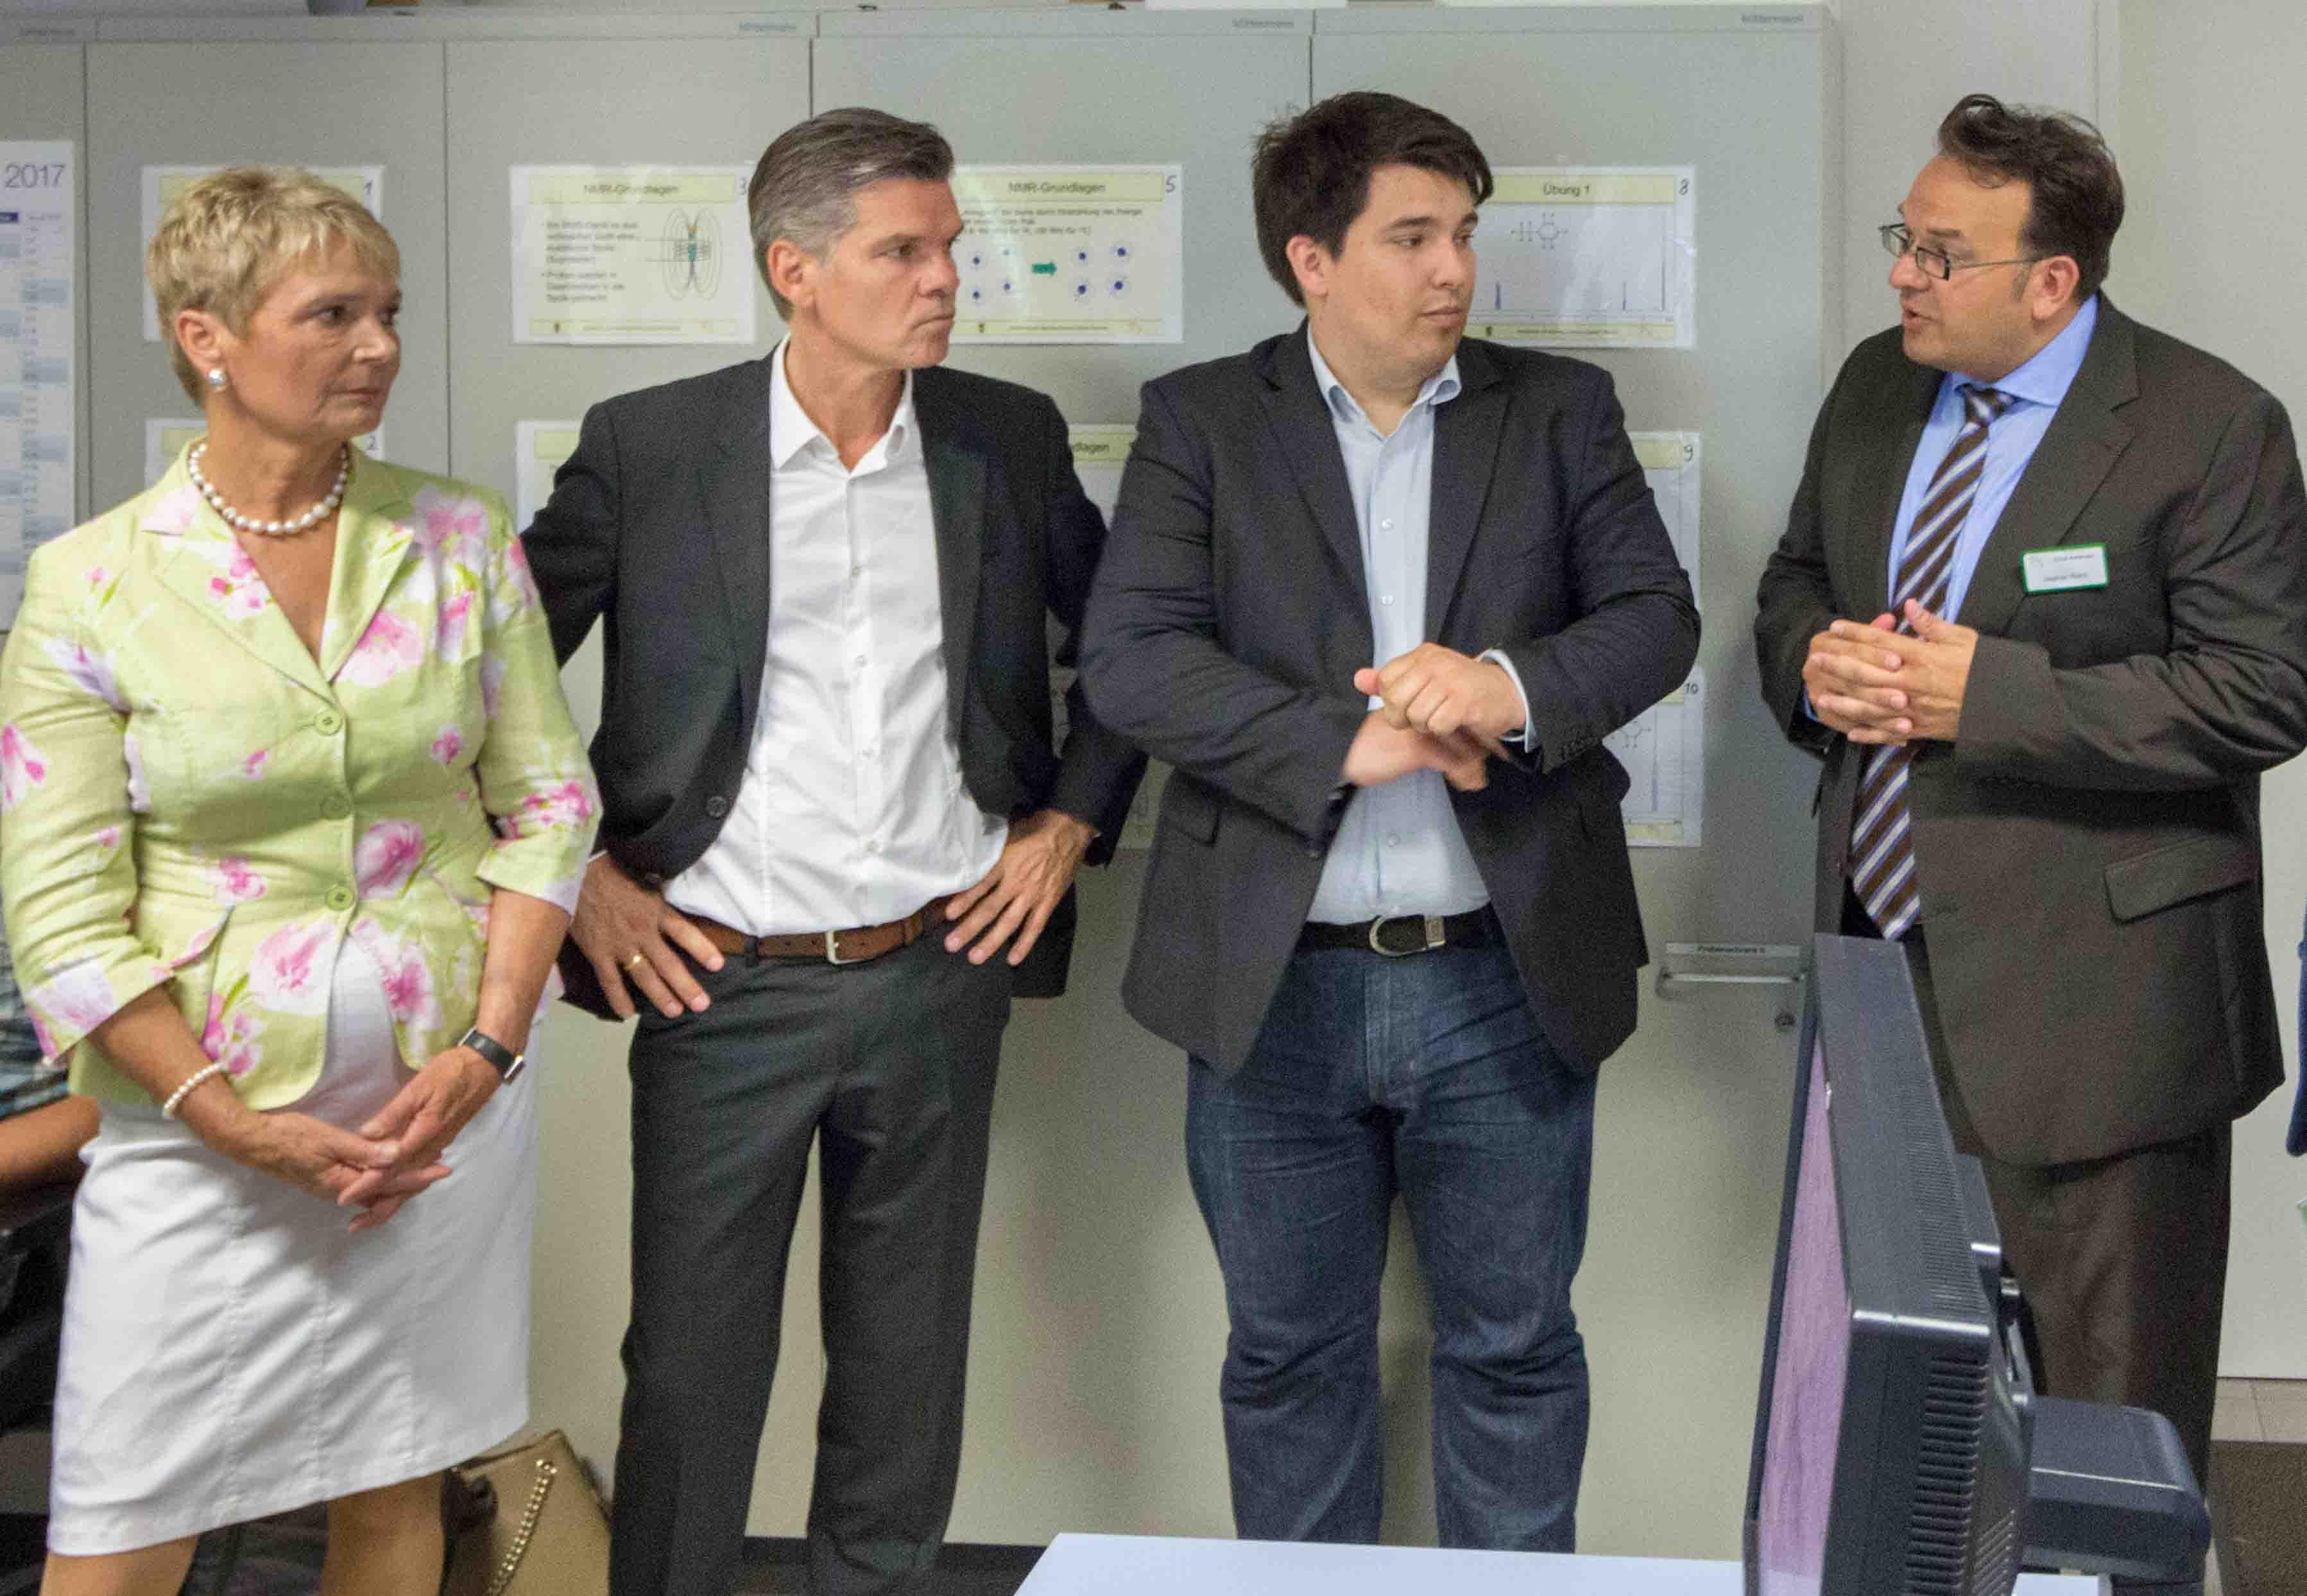 Frau Staatssekretärin Gurr-Hirsch mit den Abgeordneten Wellenreuther, Salomon und dem Amtsleiter des CVUA Karlsruhe Herrn Walch (v.l.). (Foto:CVUAKarlsruhe).